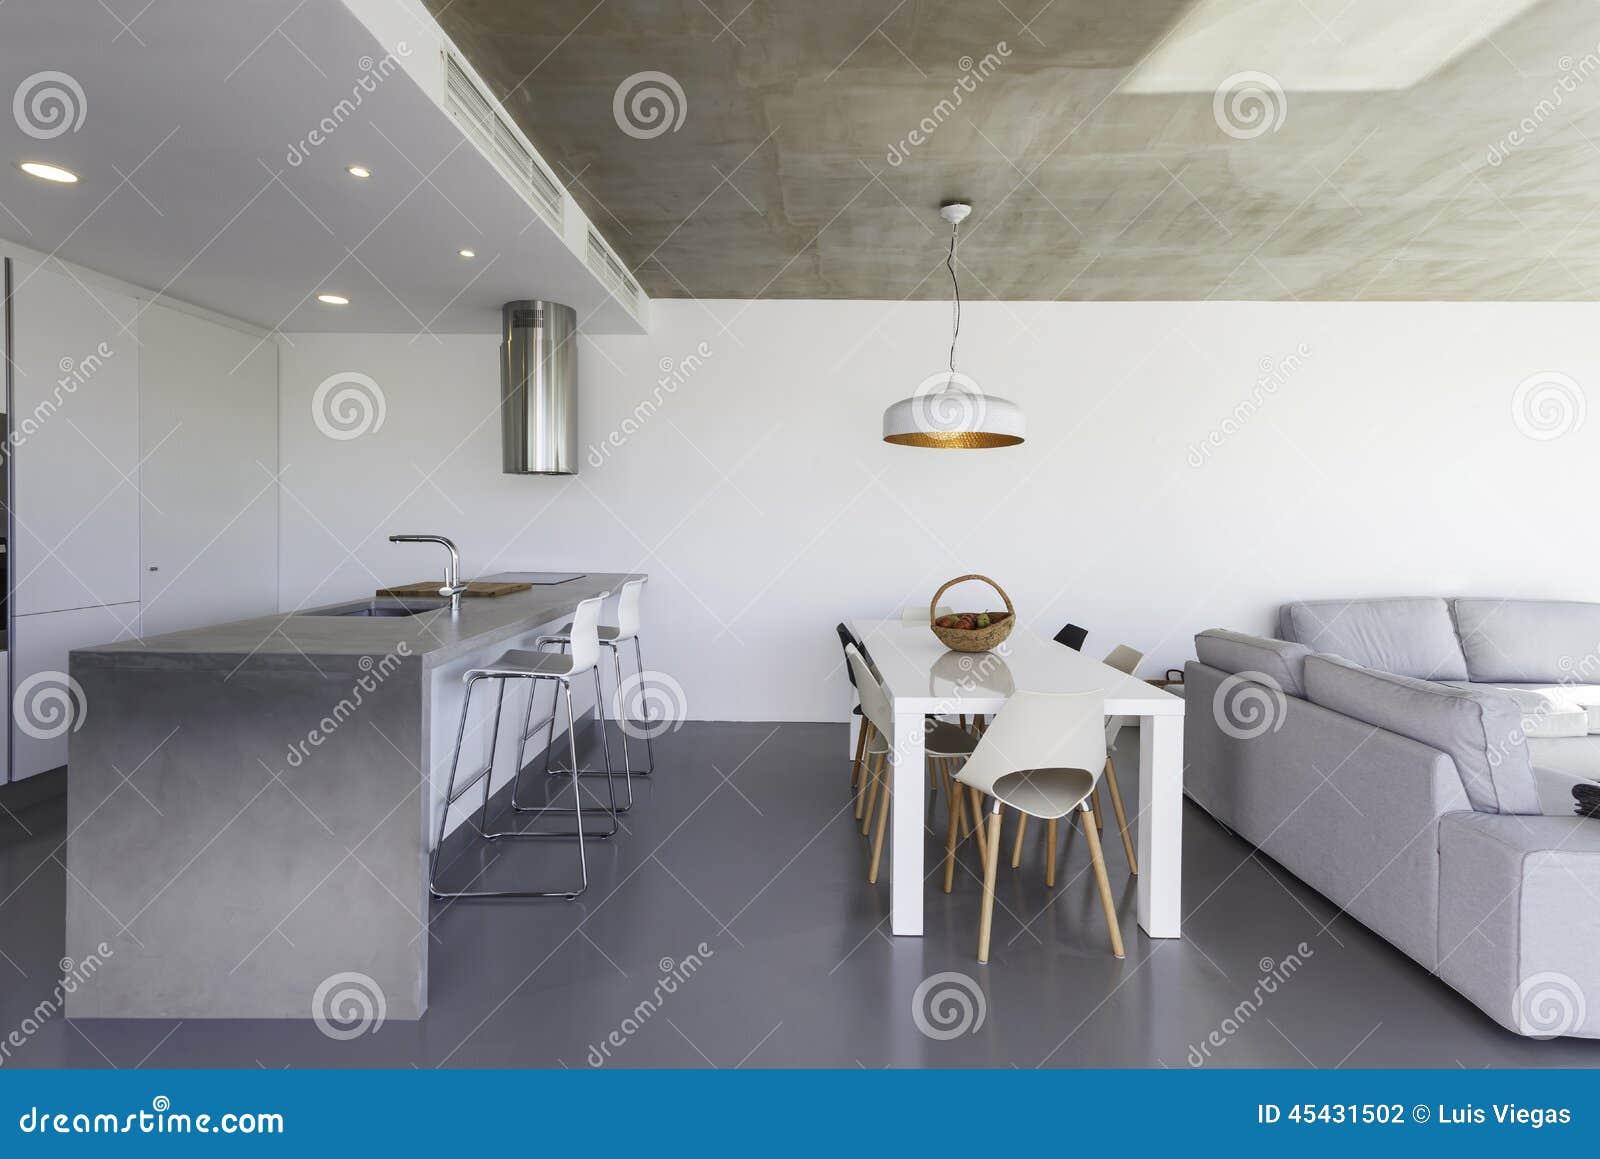 Cuisine Moderne Avec Le Plancher Gris Et Le Mur Blanc Photo stock ...